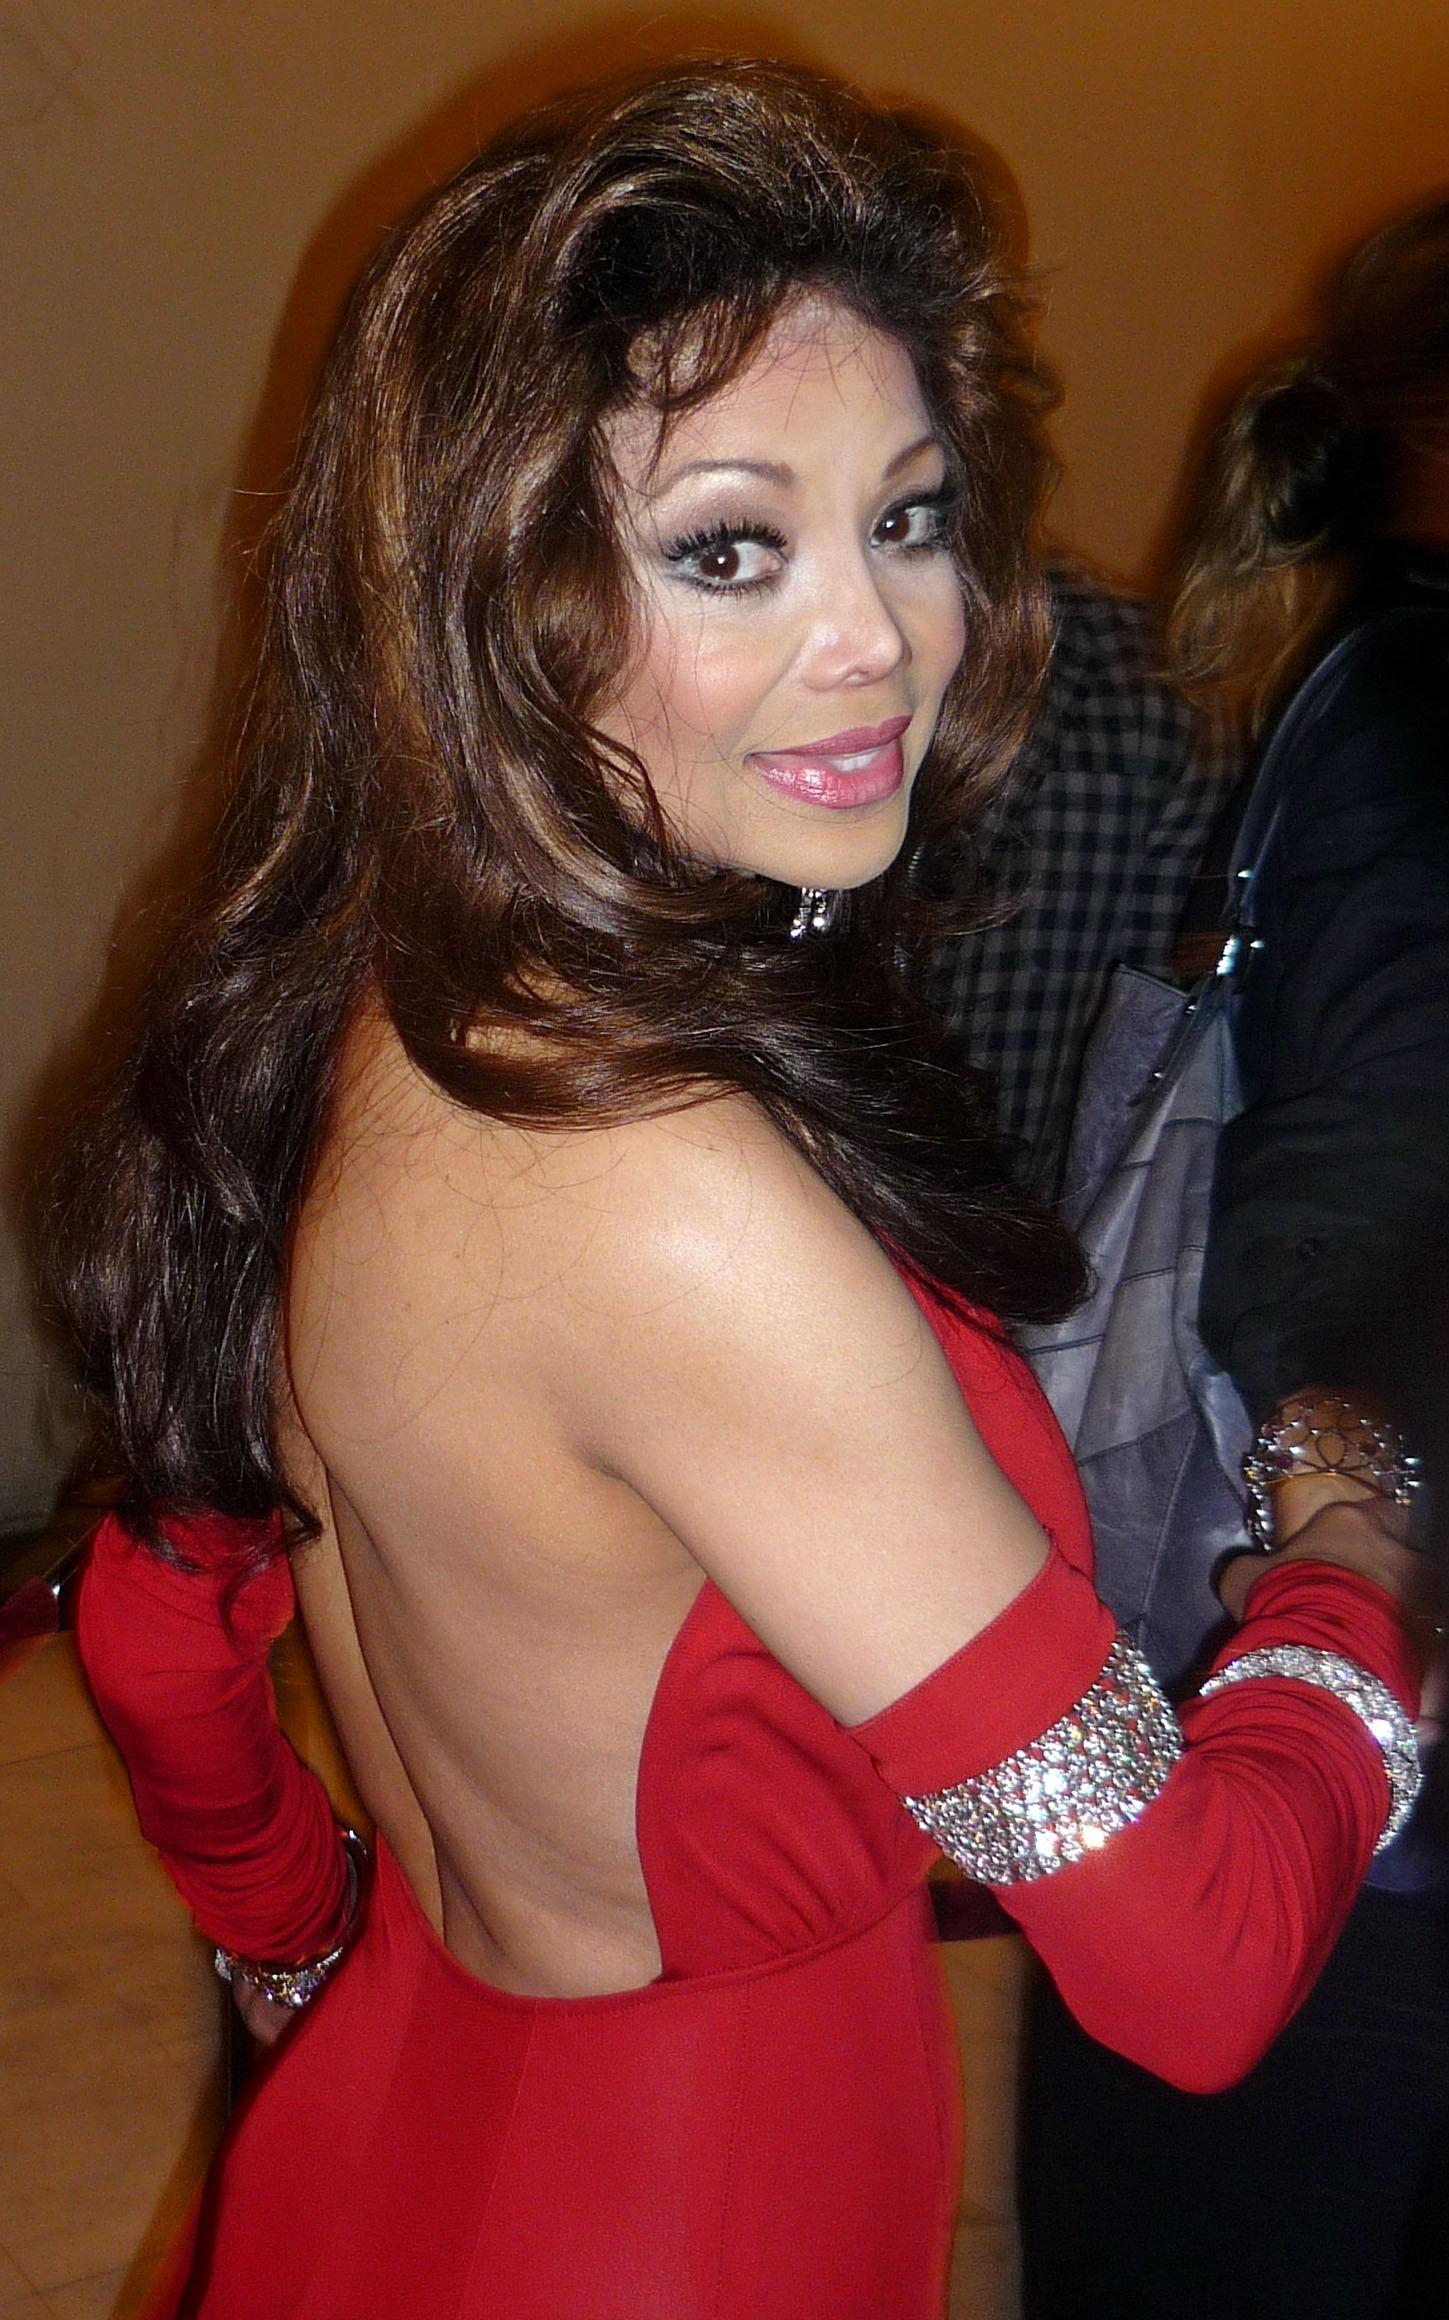 Photo of La Toya Jackson: Singer from the United States